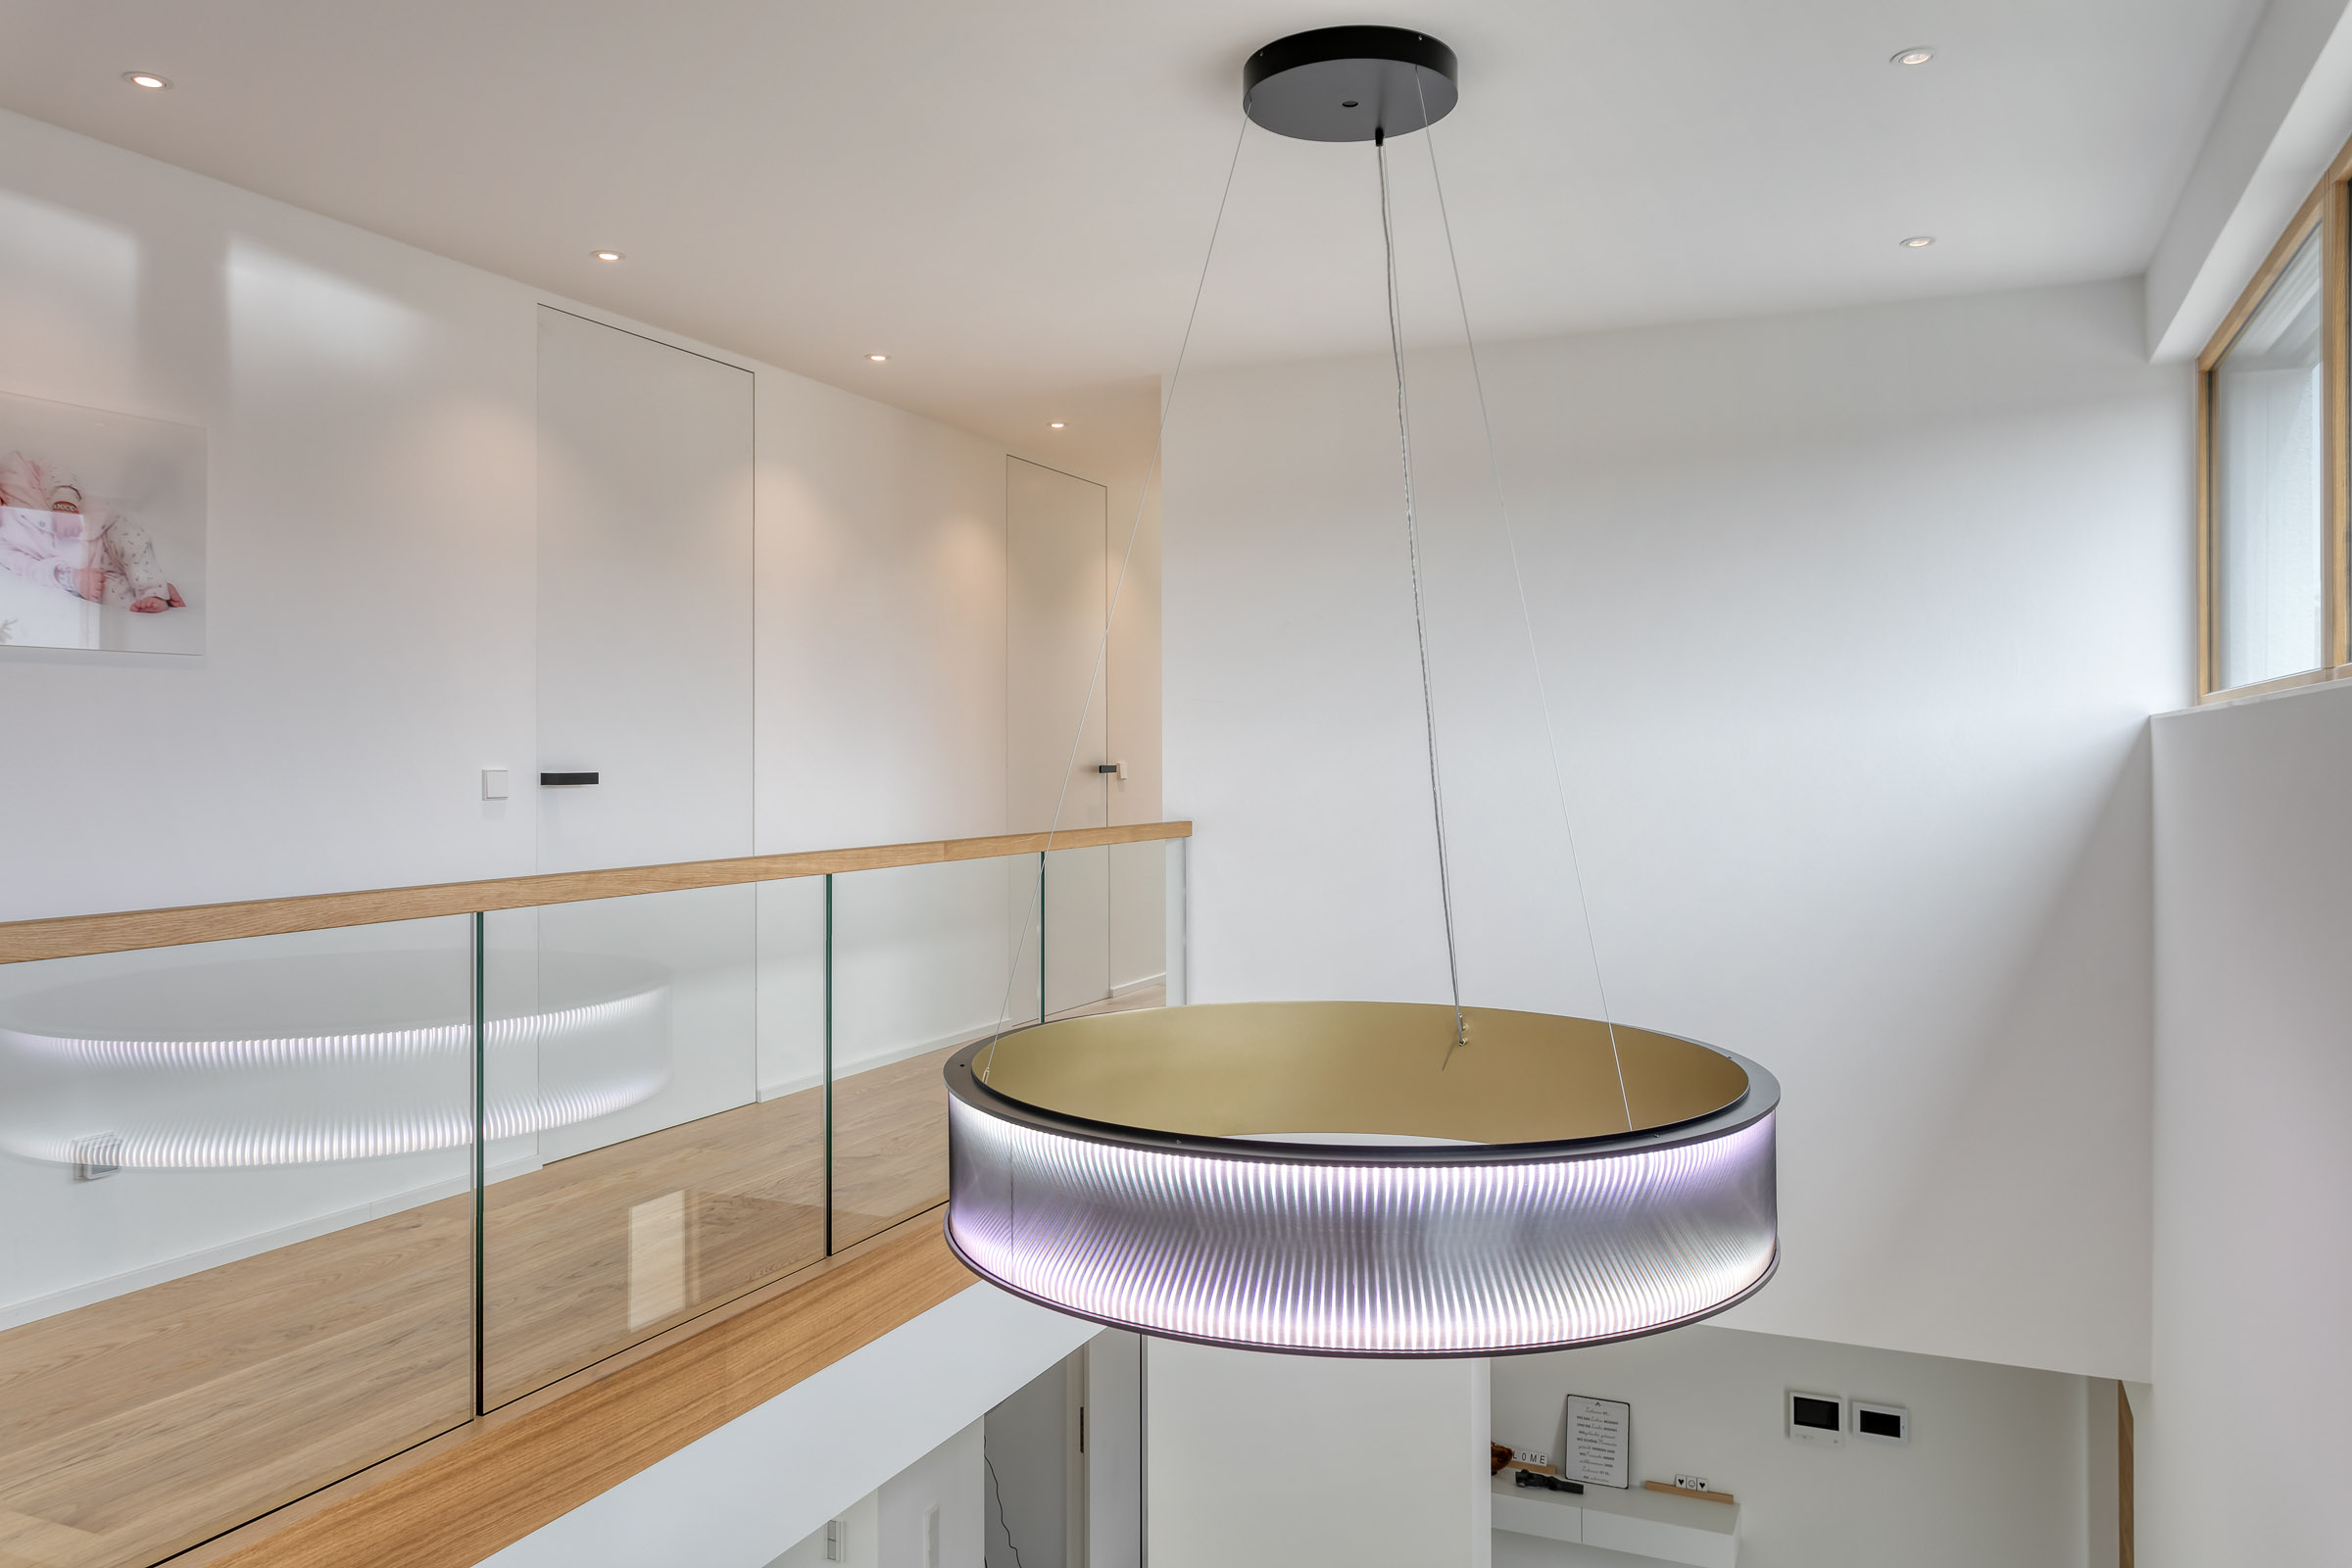 Eine Ringleuchte an der Decke hängend in weißem Neubau